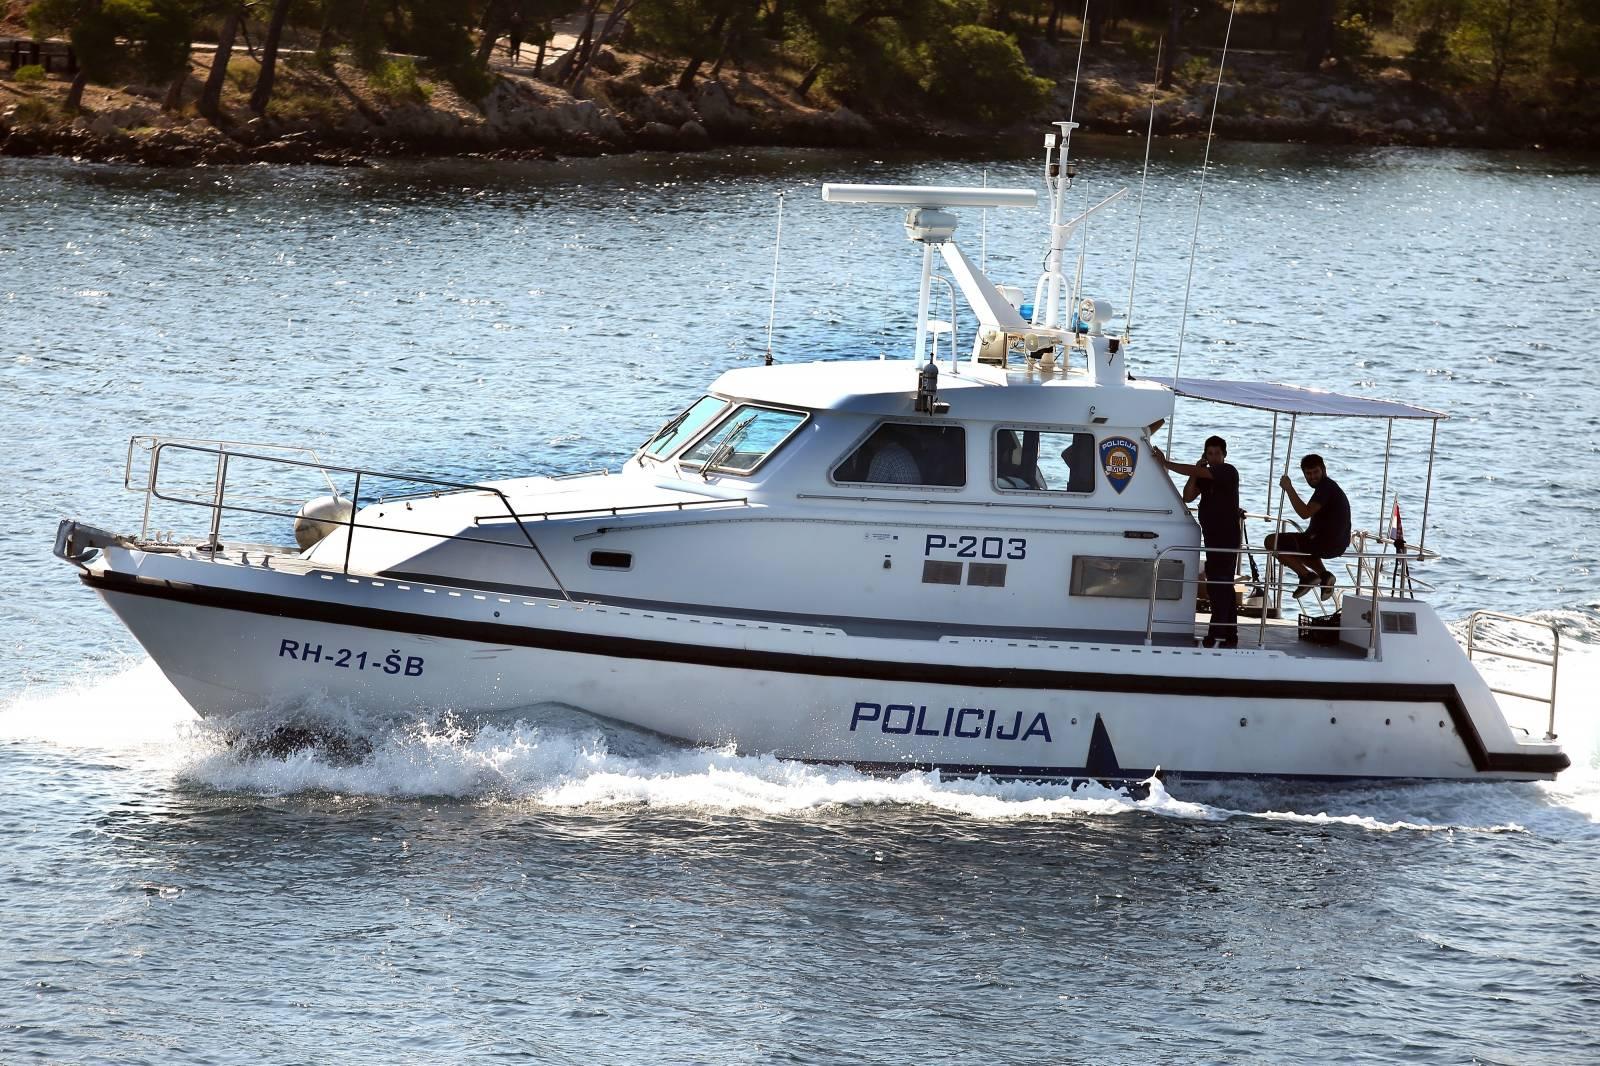 Policijski gliser patrolira šibenskim akvatorijem